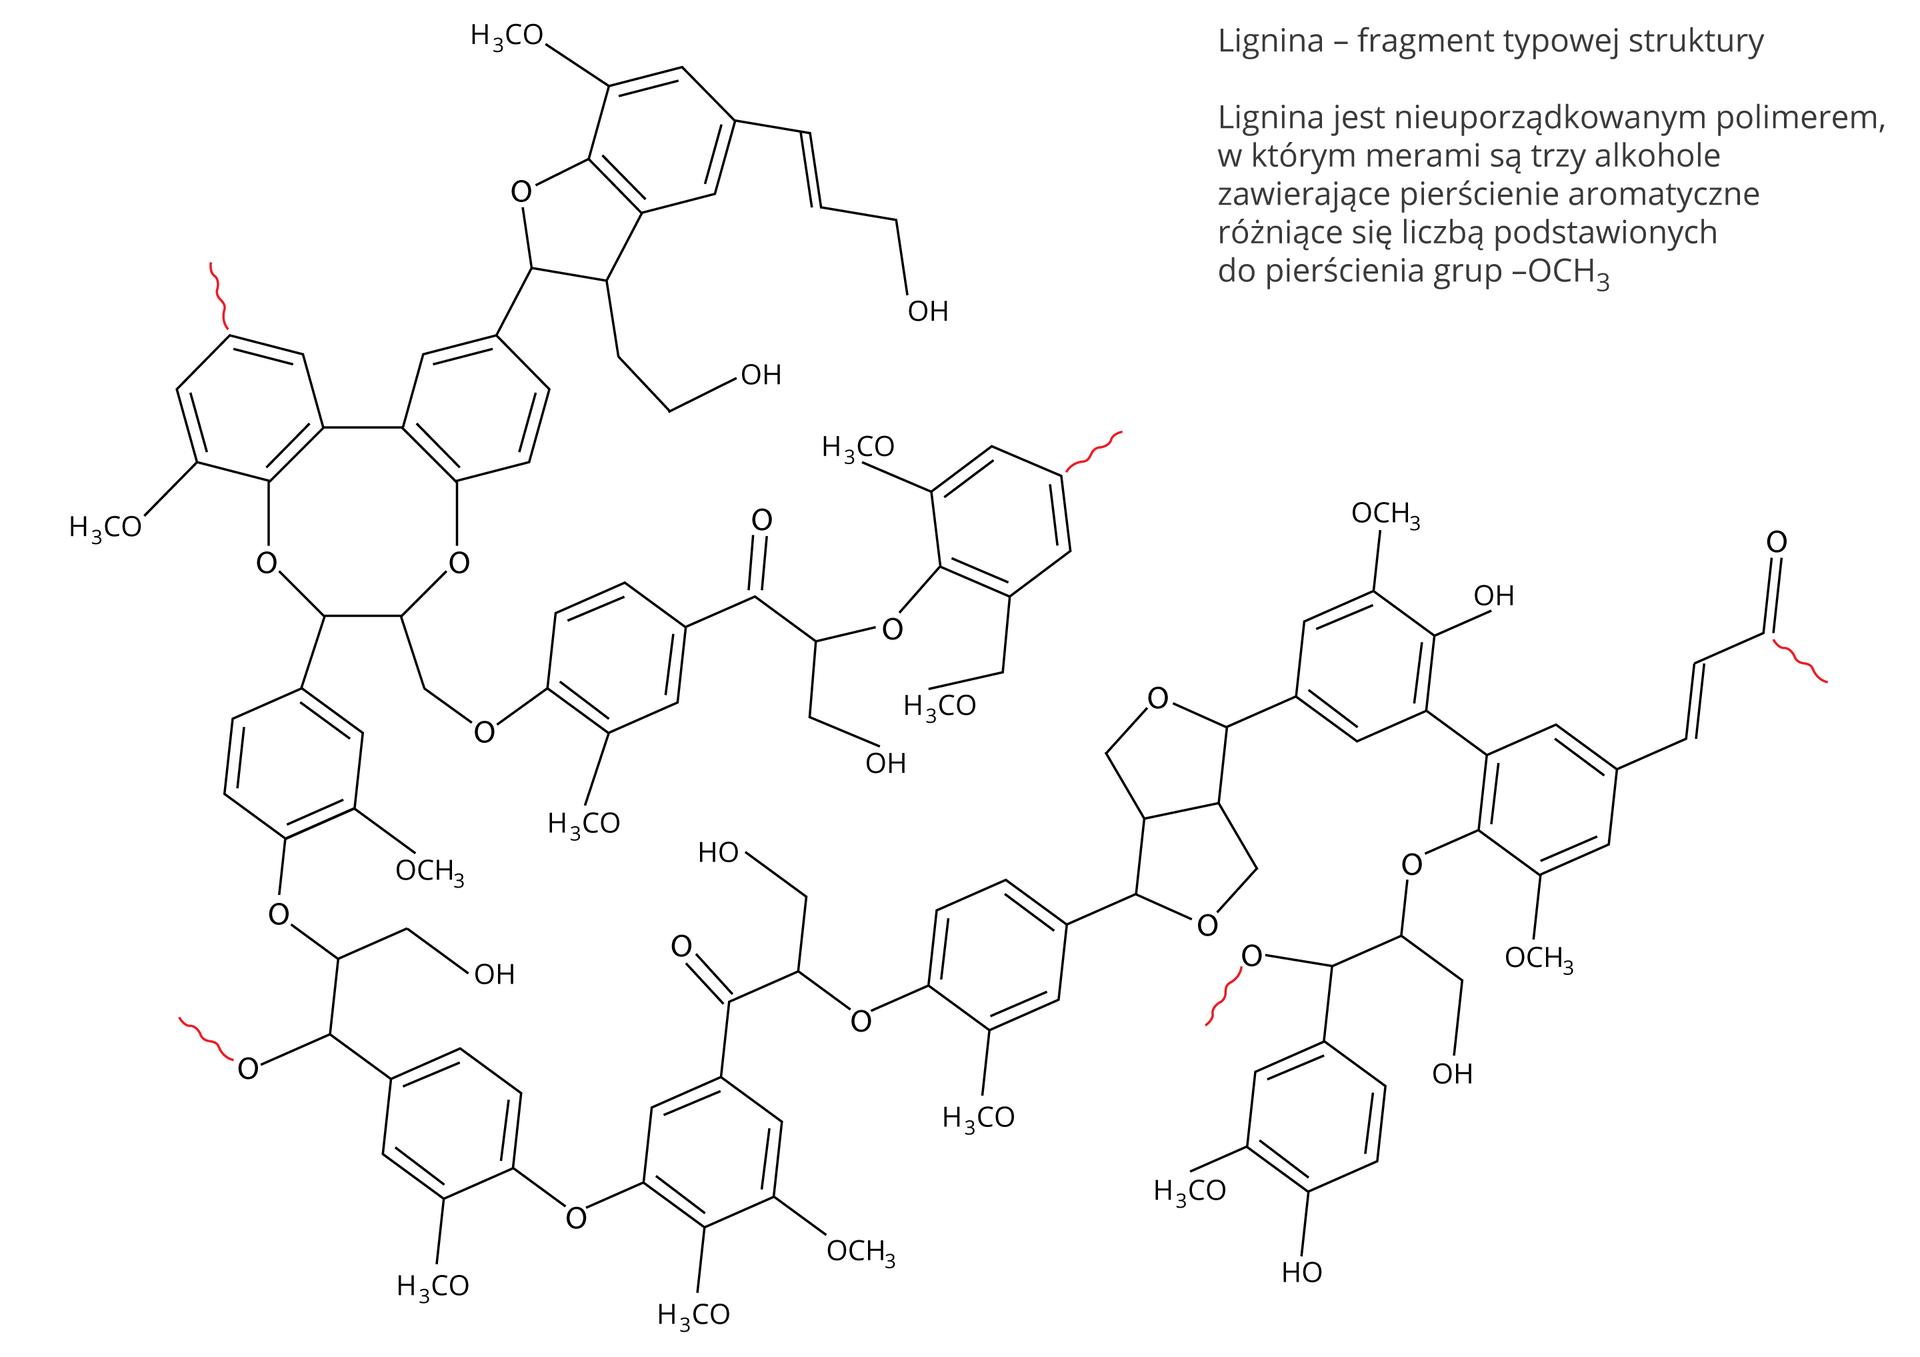 Lignina –fragment typowej struktury. Lignina jest nieuporządkowanym polimerem, wktórym merami są trzy alkohole zawierające pierścienie aromatyczne różniące się liczbą podstawionych do pierścienia grup –OCH3